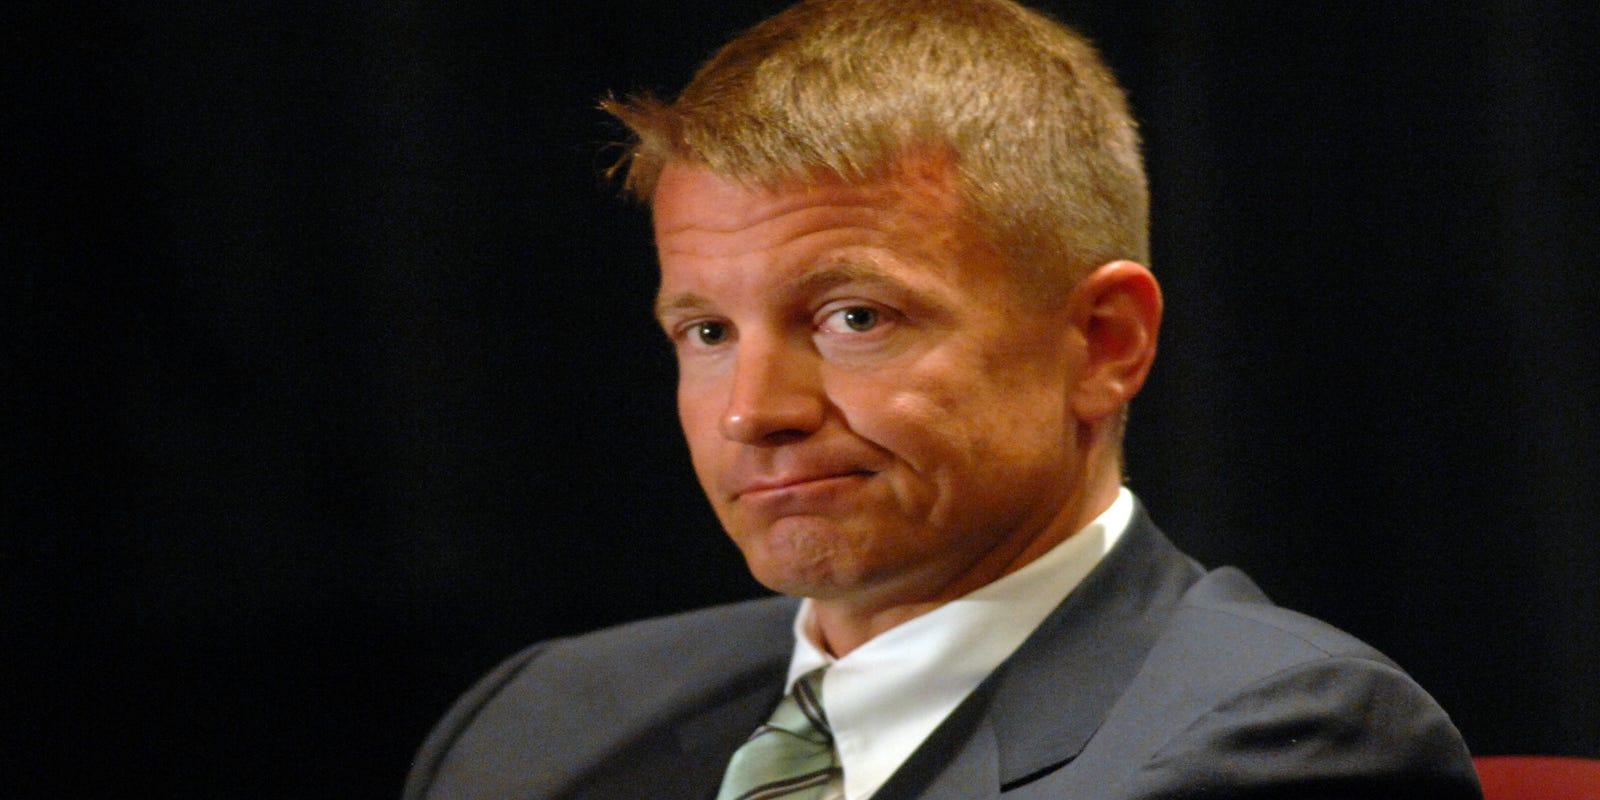 Blackwater founder Erik Prince accused of murder   Facing